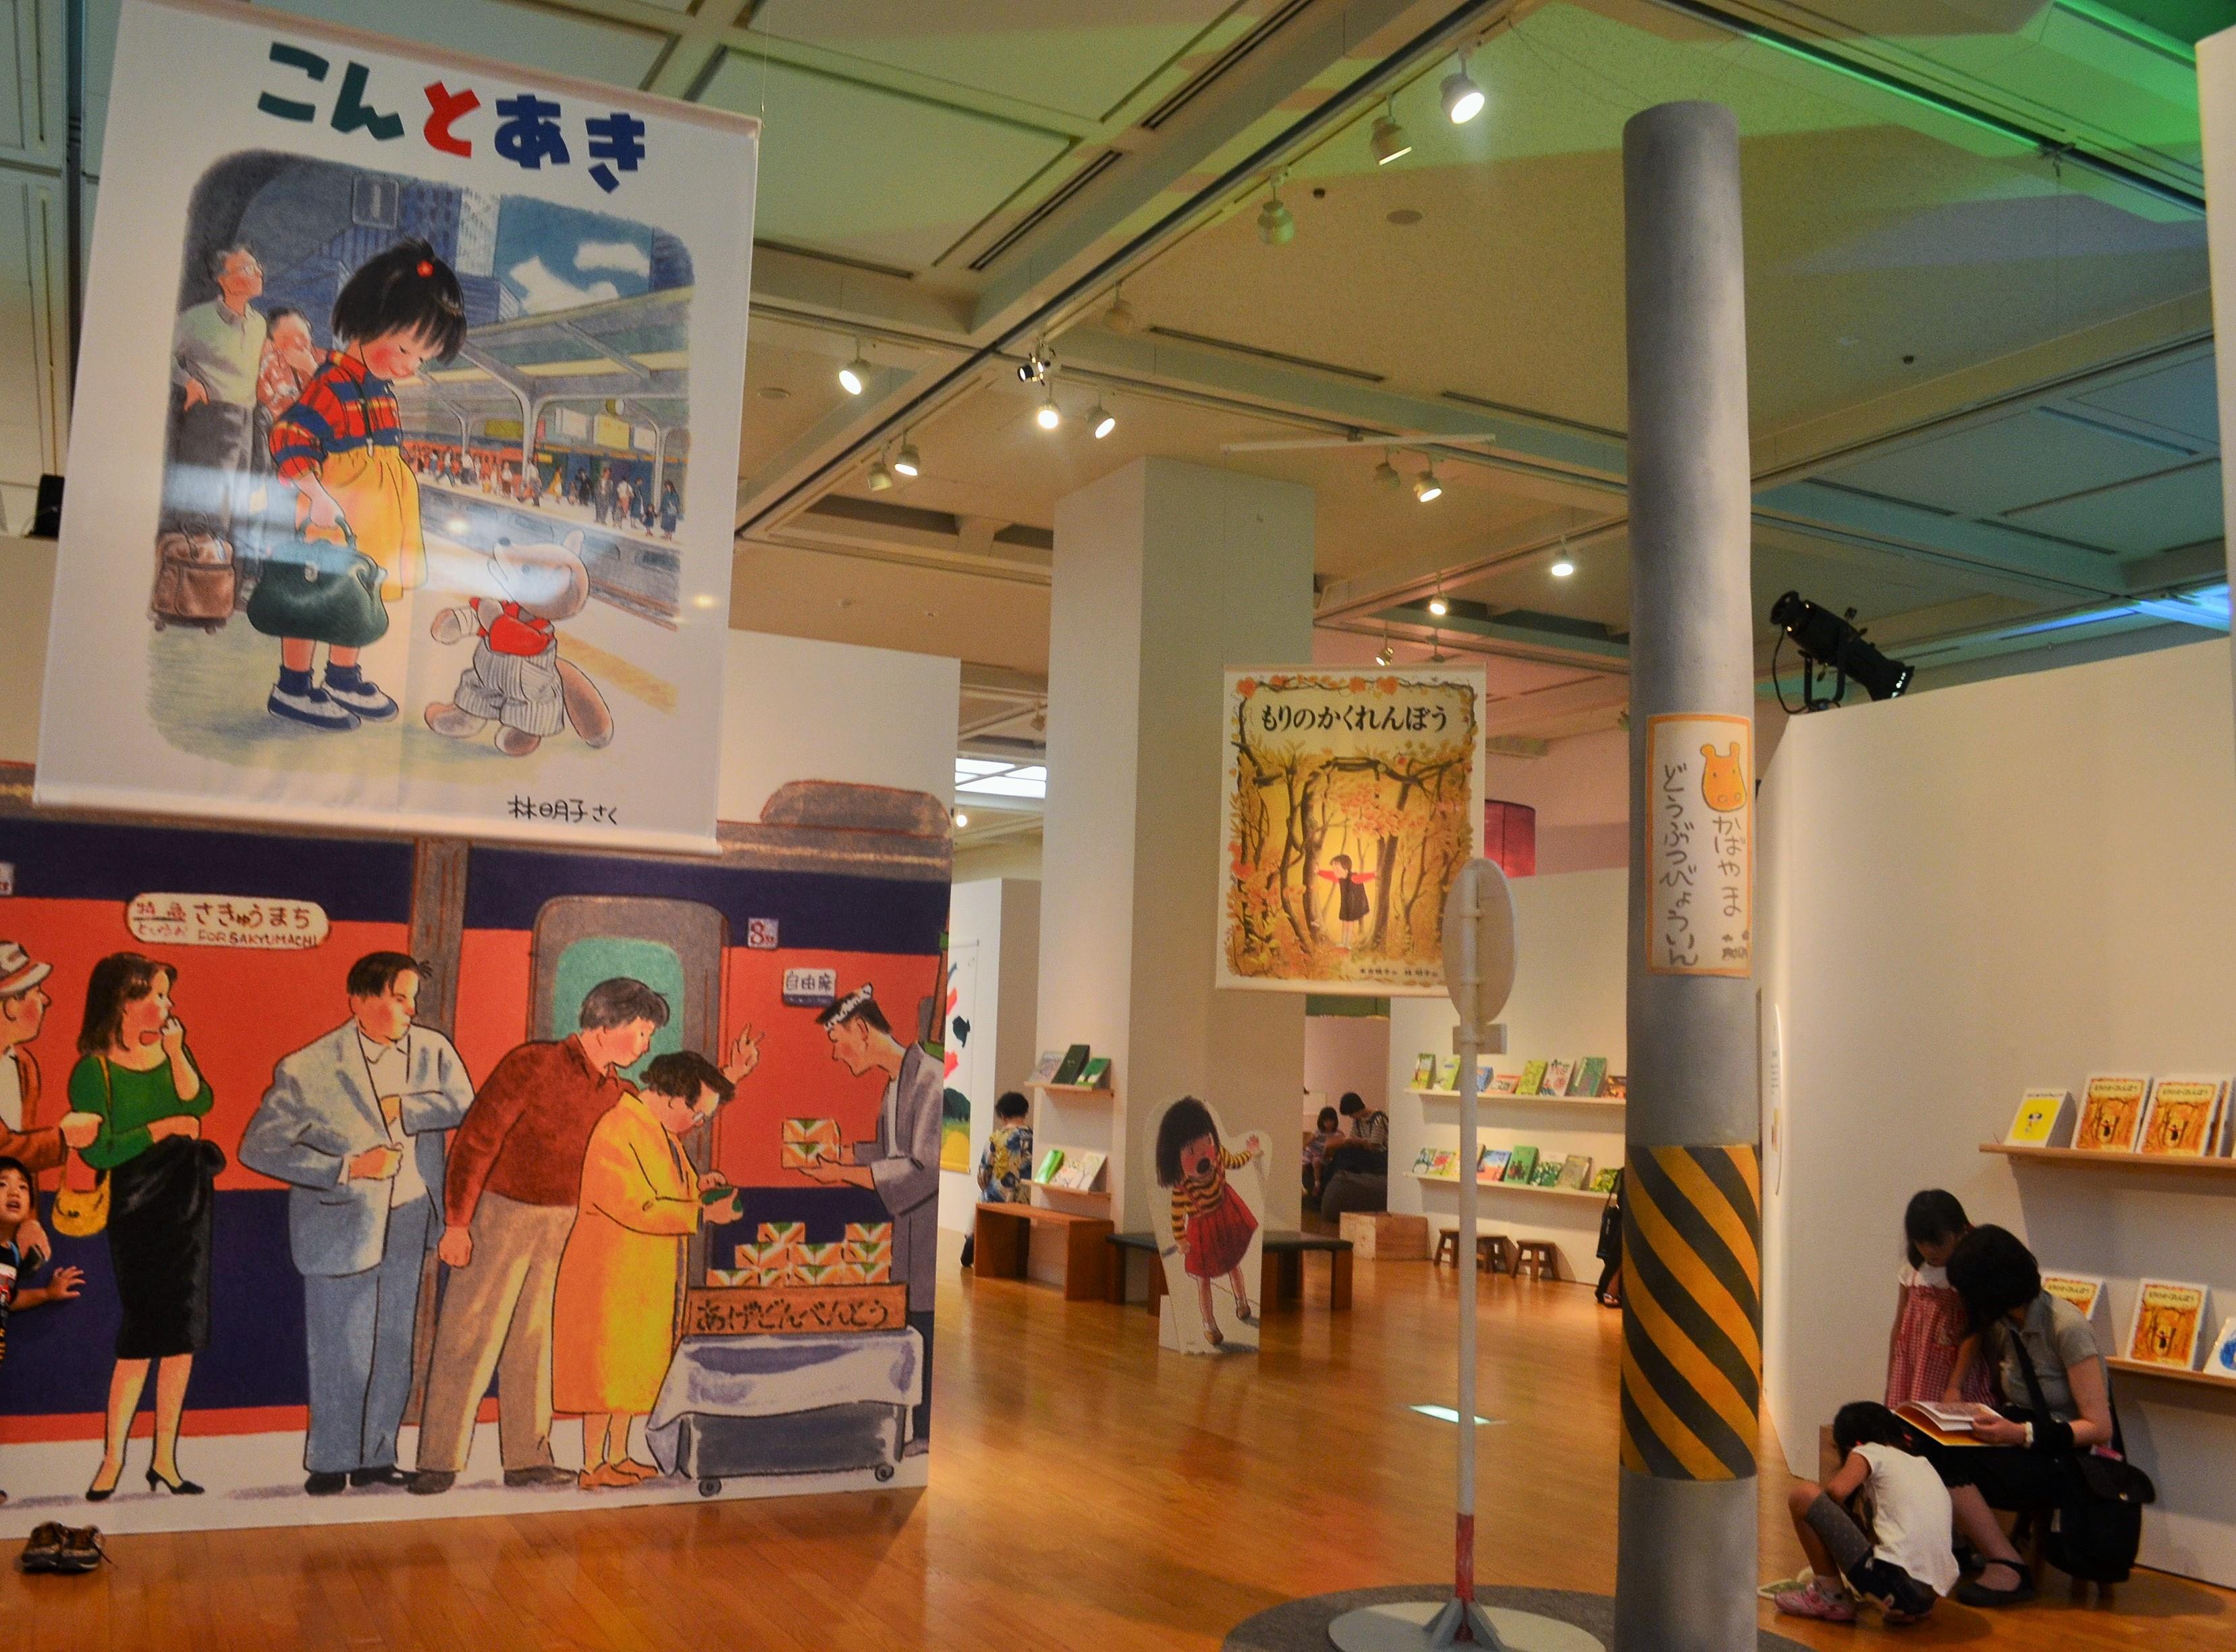 【NTT西日本スペシャル おいでよ!絵本ミュージアム2018】行く前にチェックしたい見どころガイド!